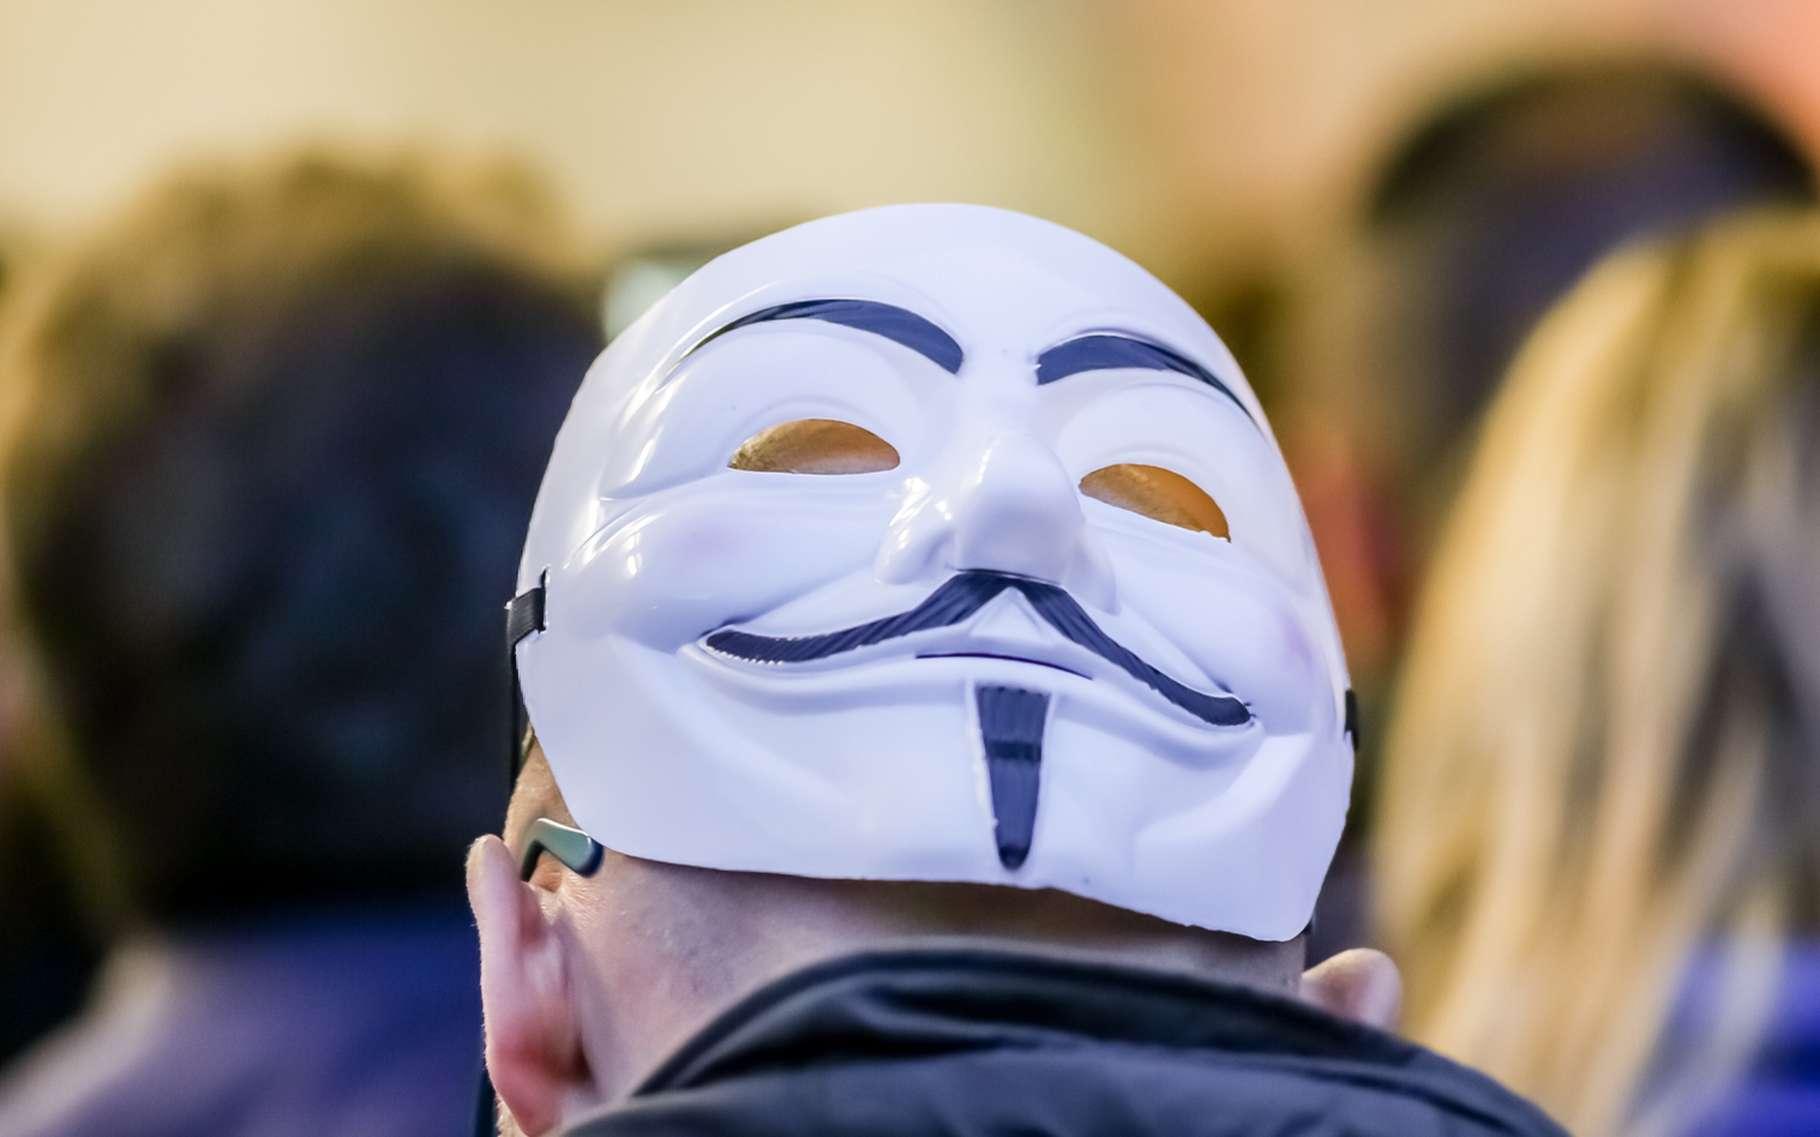 Lorsque les Anonymous descendent dans les rues, ils portent volontiers un masque de Guy Fawkes, le conspirateur britannique popularisé par le livre et le film V pour Vendetta. © Benny Marty, Shutterstock